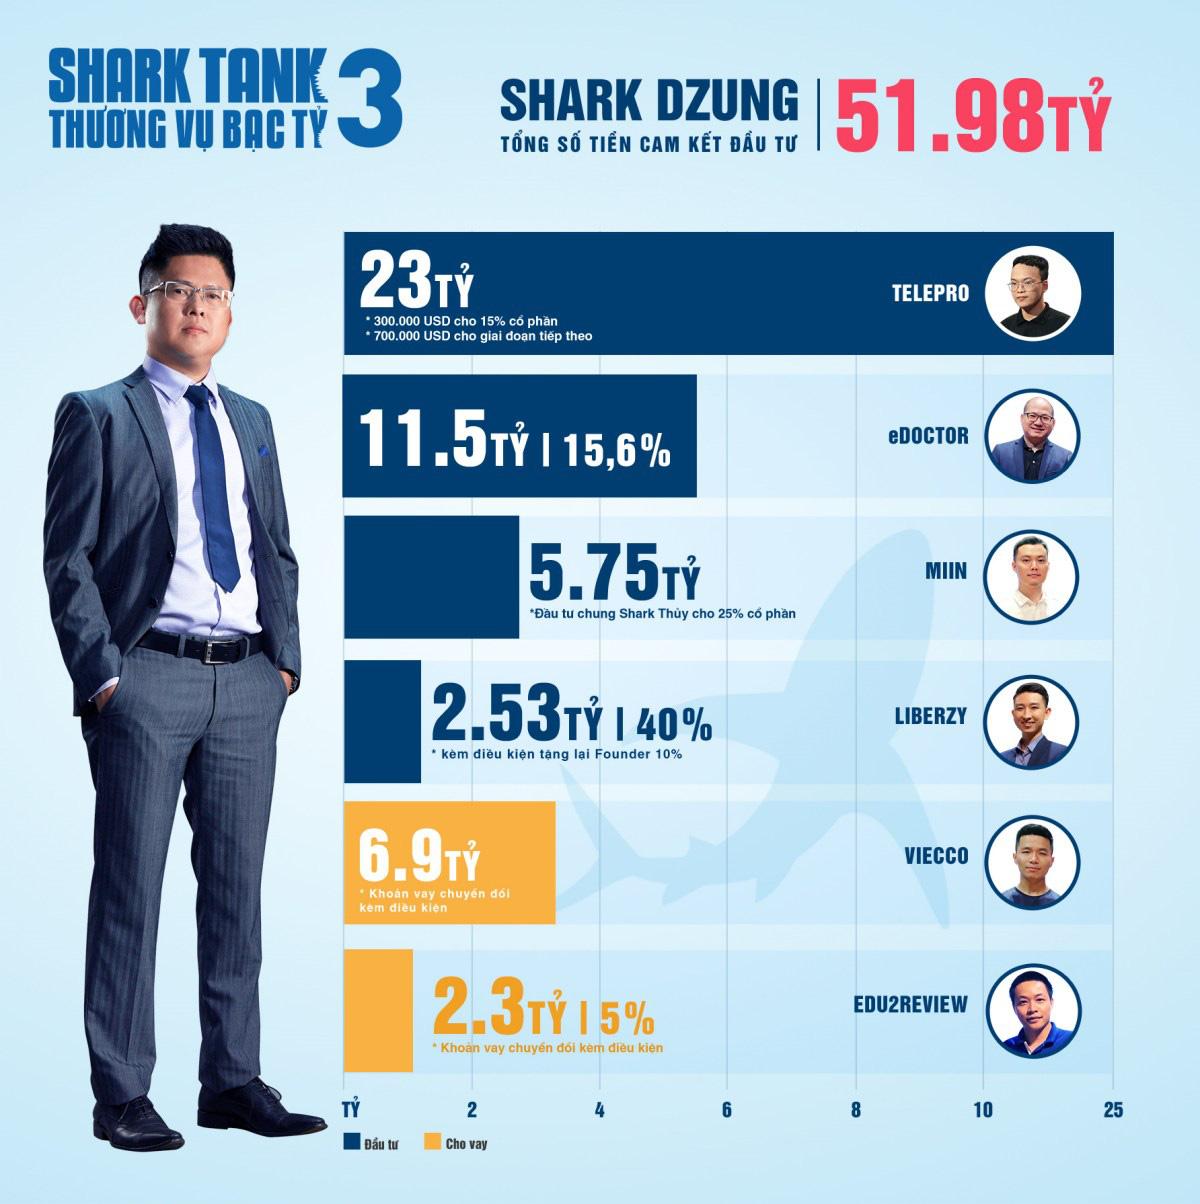 Shark Tank Việt Nam mùa 3 - Hành trình lan tỏa cảm hứng khởi nghiệp mạnh mẽ - Ảnh 4.